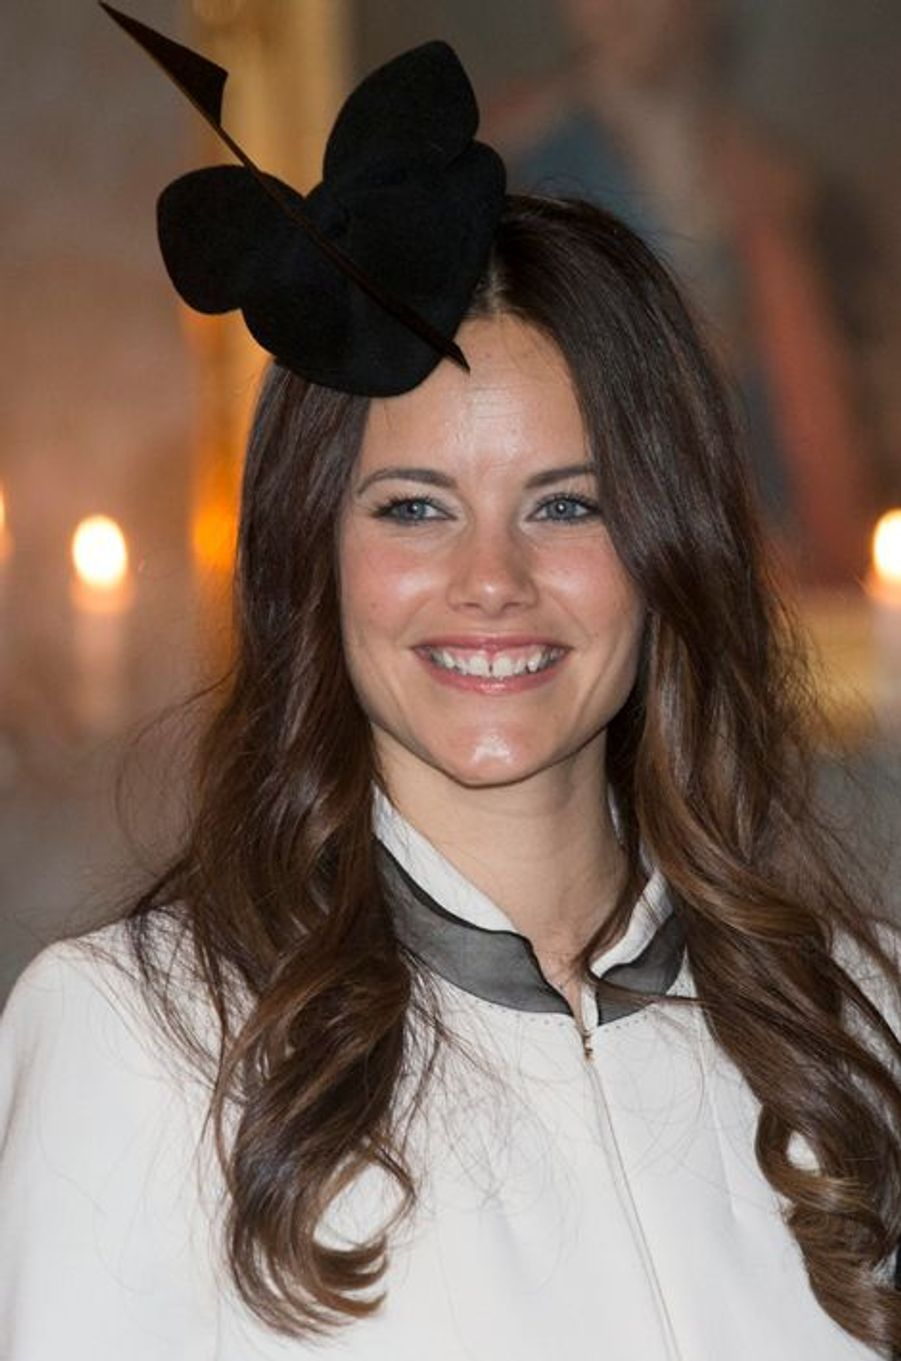 Sofia Hellqvist au Palais royal à Stockholm, le 17 mai 2015